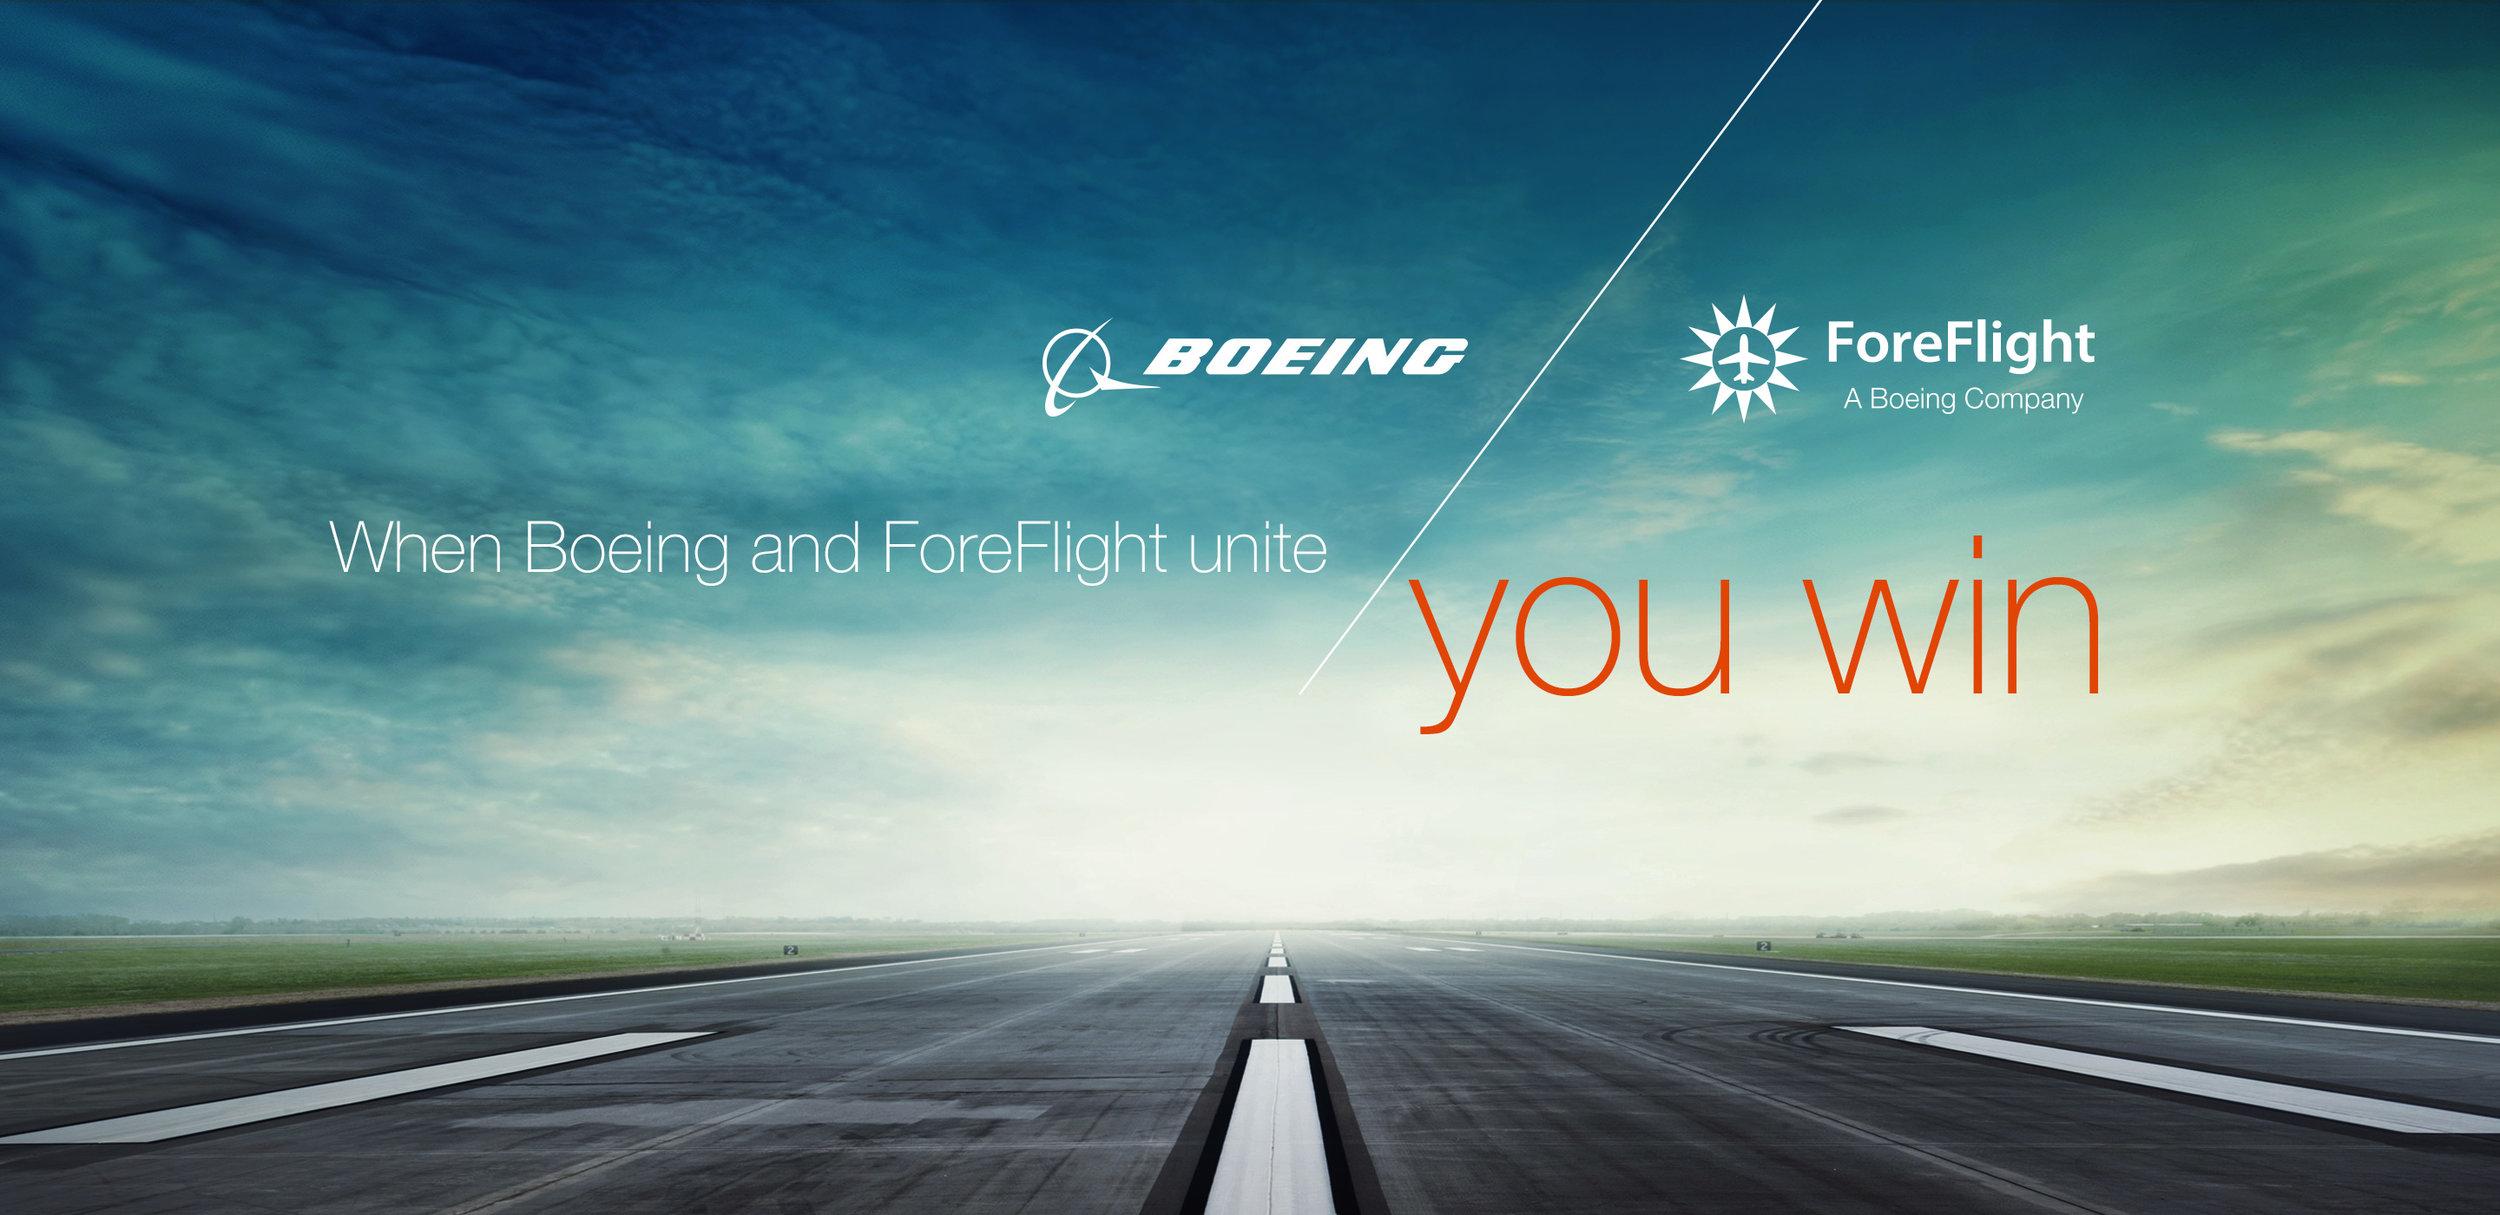 BGS.BoeingHeader.02a.jpg